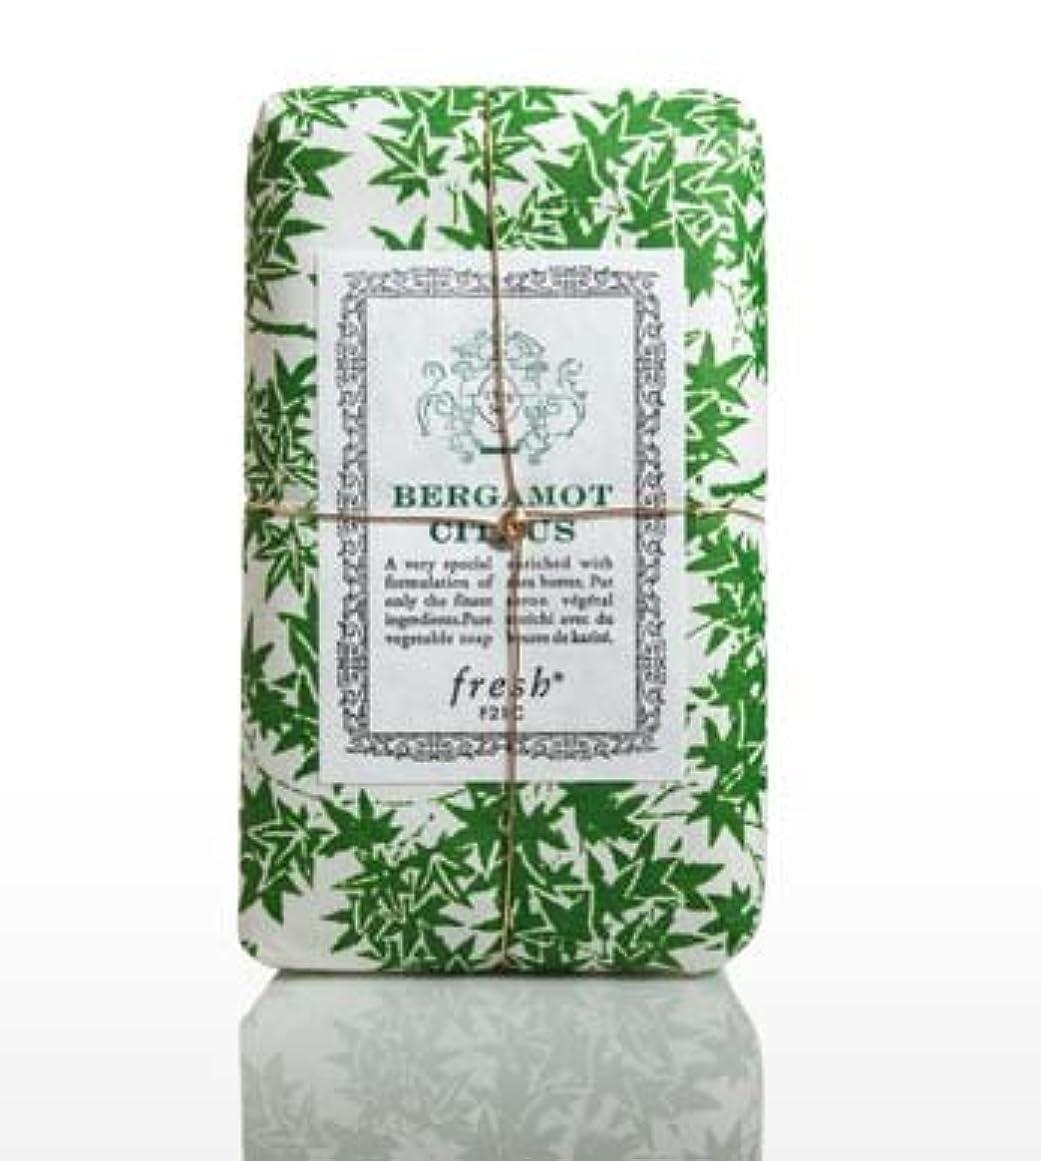 提出するトラブル簡単なFresh BERGAMOT CITRUS (フレッシュ ベルガモントシトラス) 5.0 oz (150g) Soap (石鹸) by Fresh